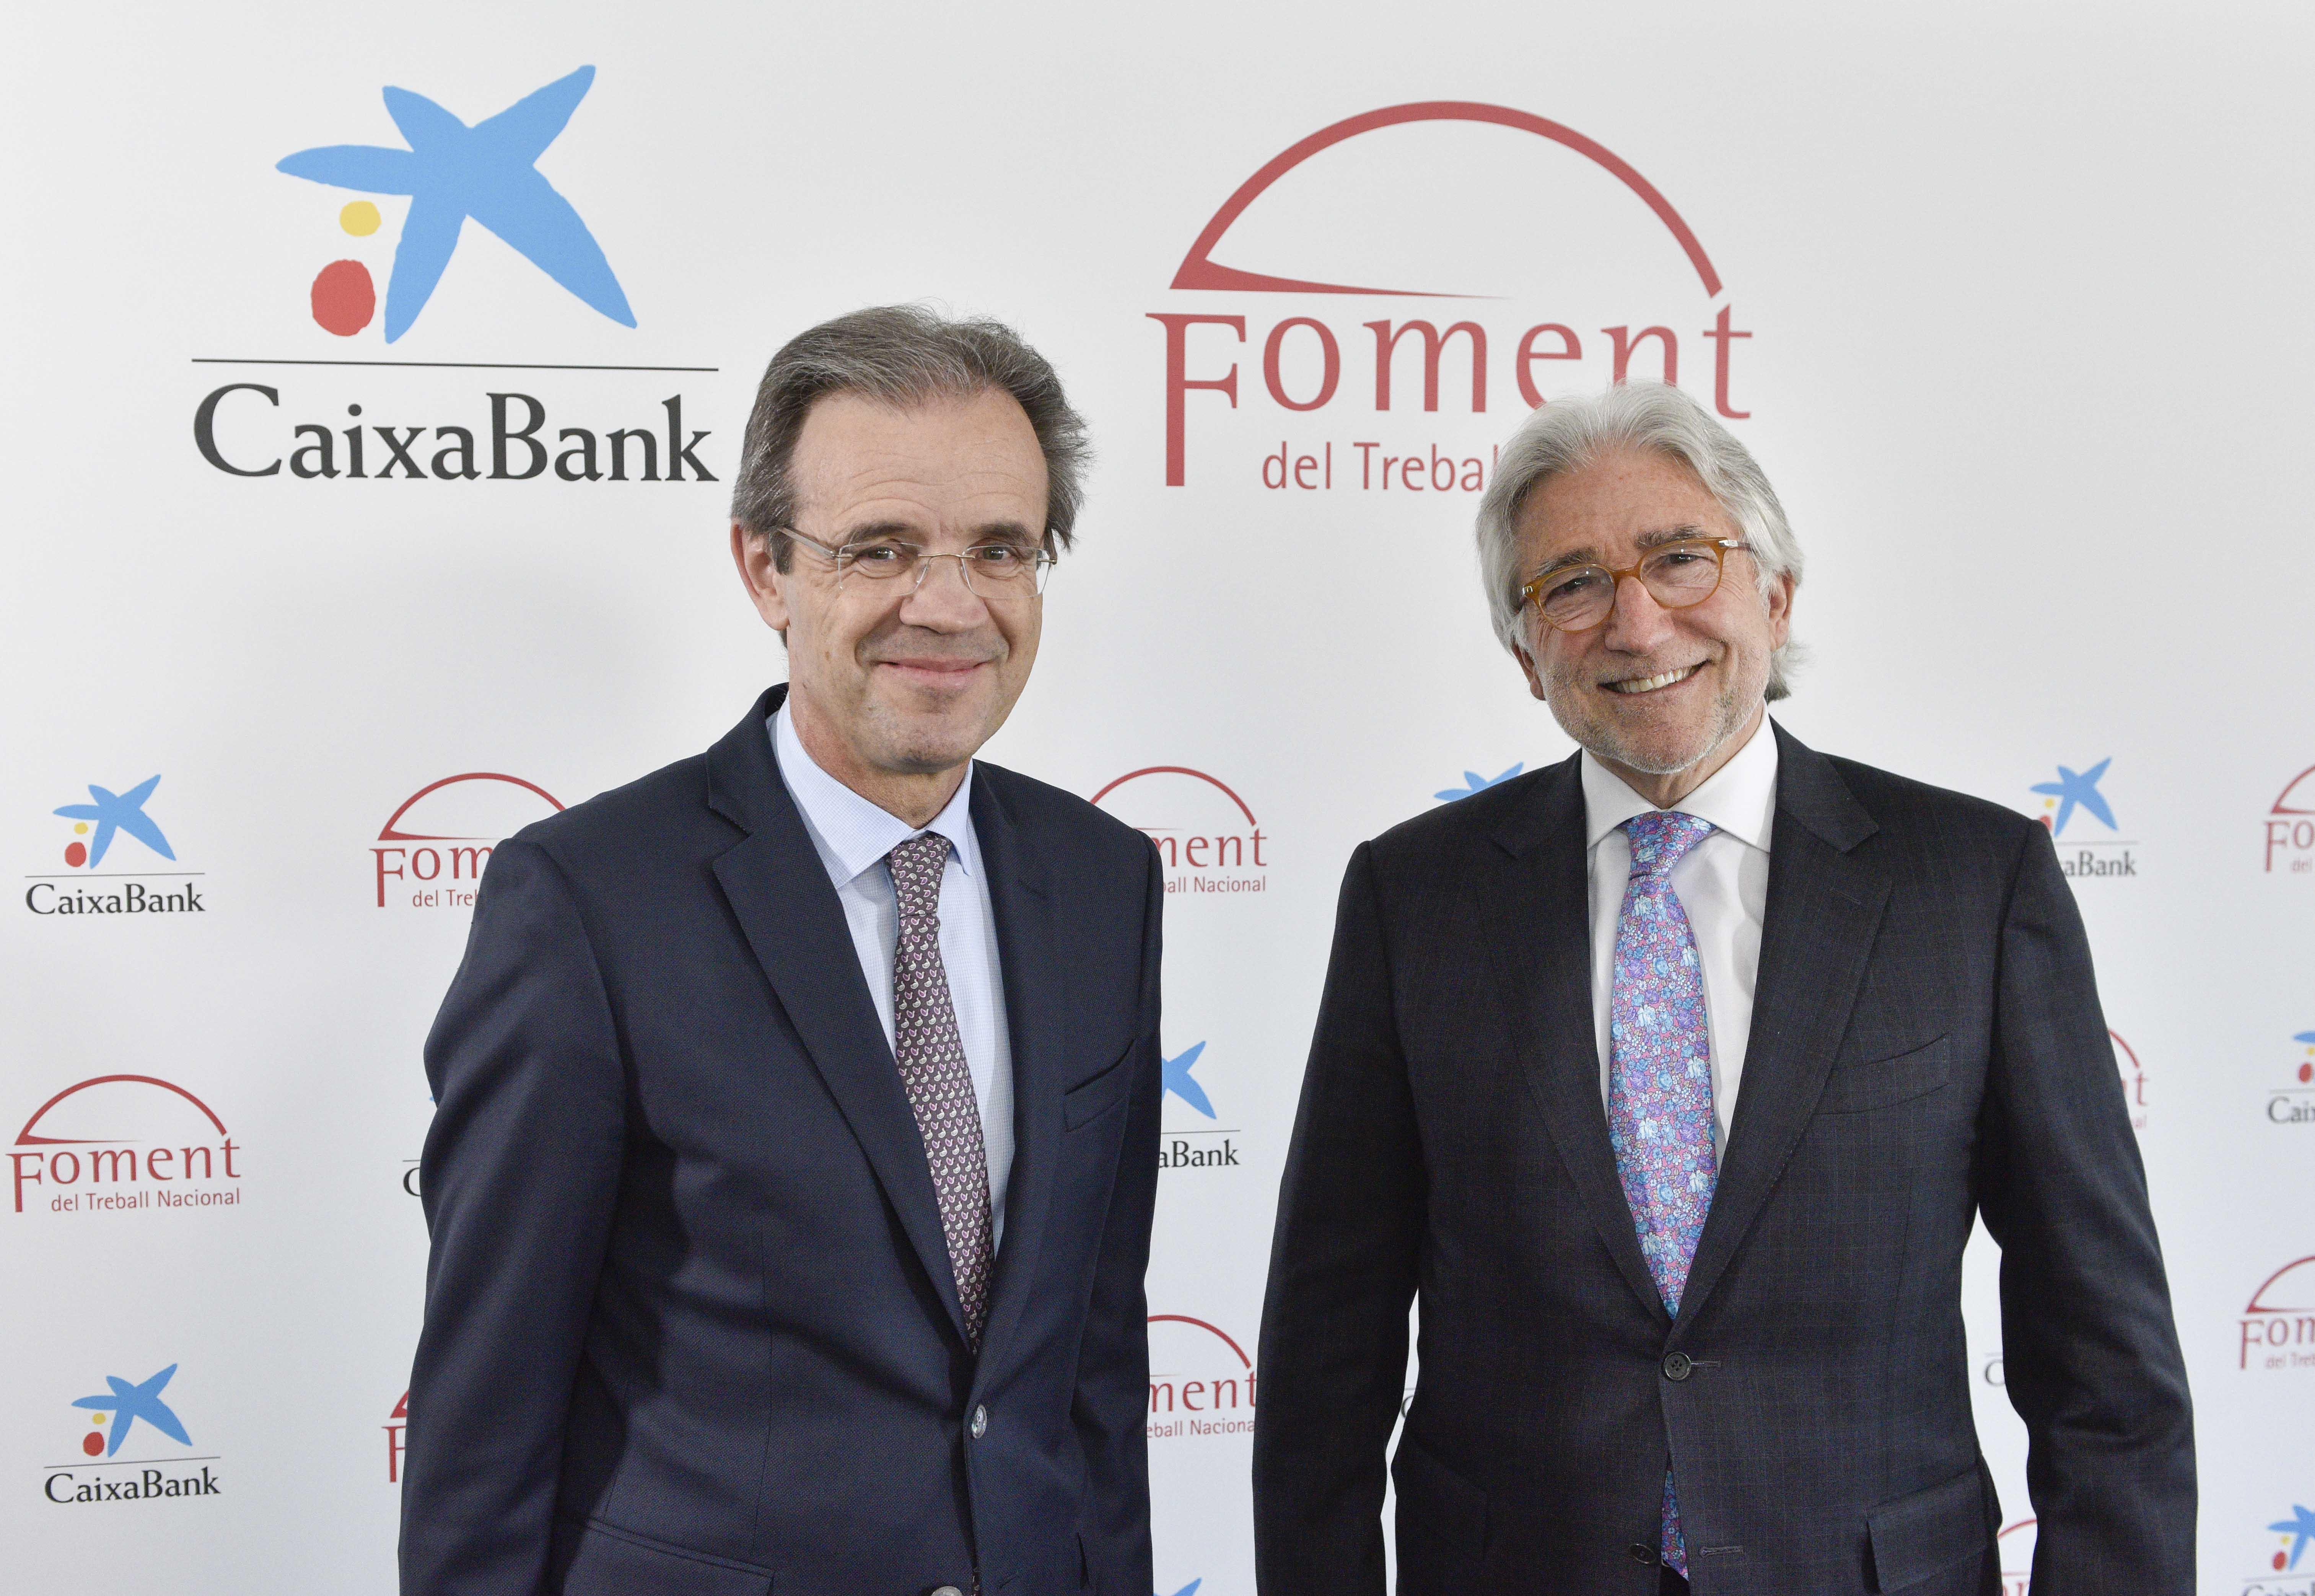 CaixaBank i Foment signen una nova línia de finançament de 2.000 milions d'euros